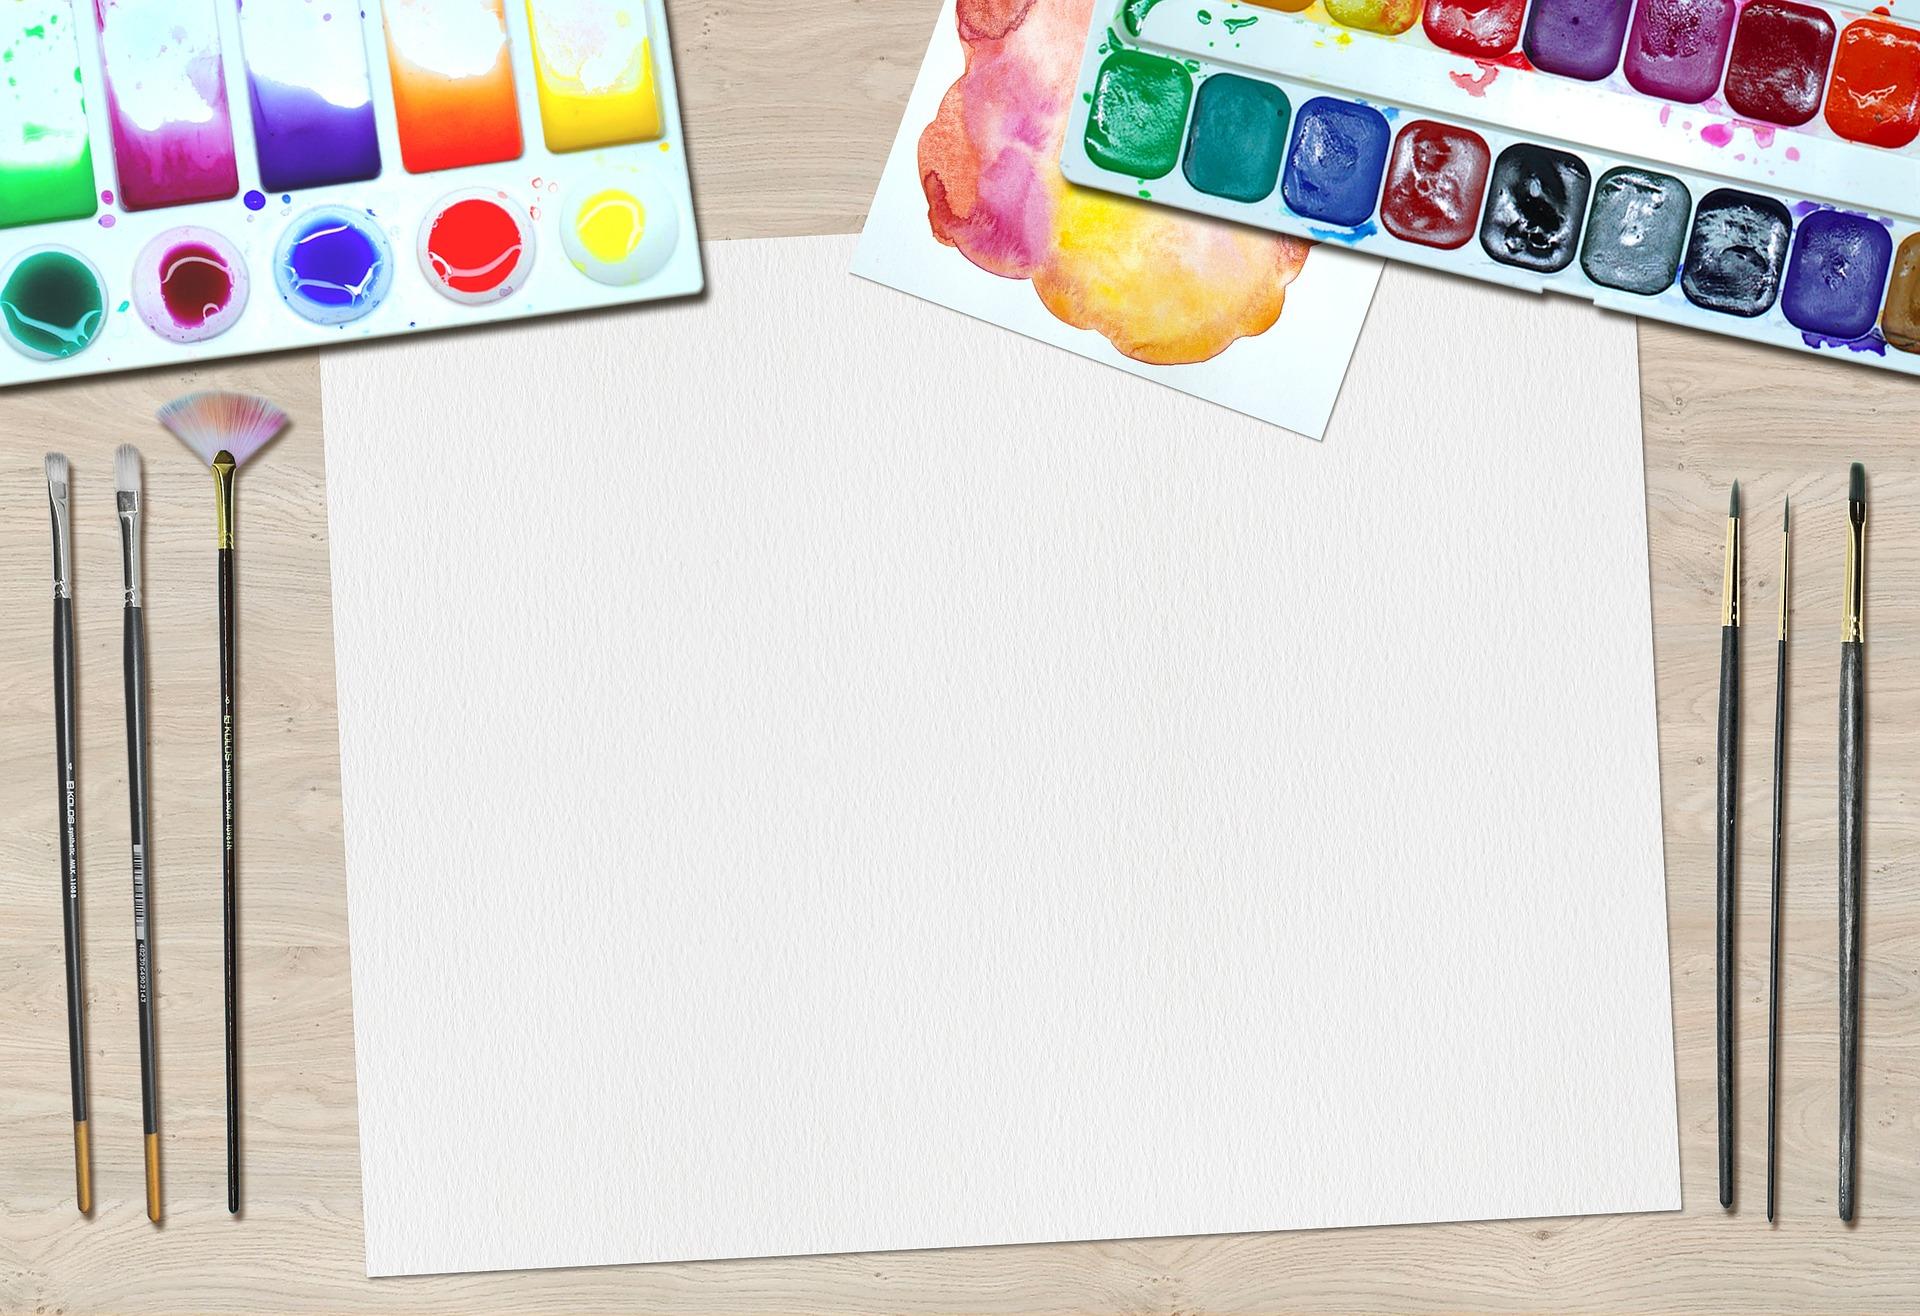 机の上に白紙の紙と絵具が準備されている